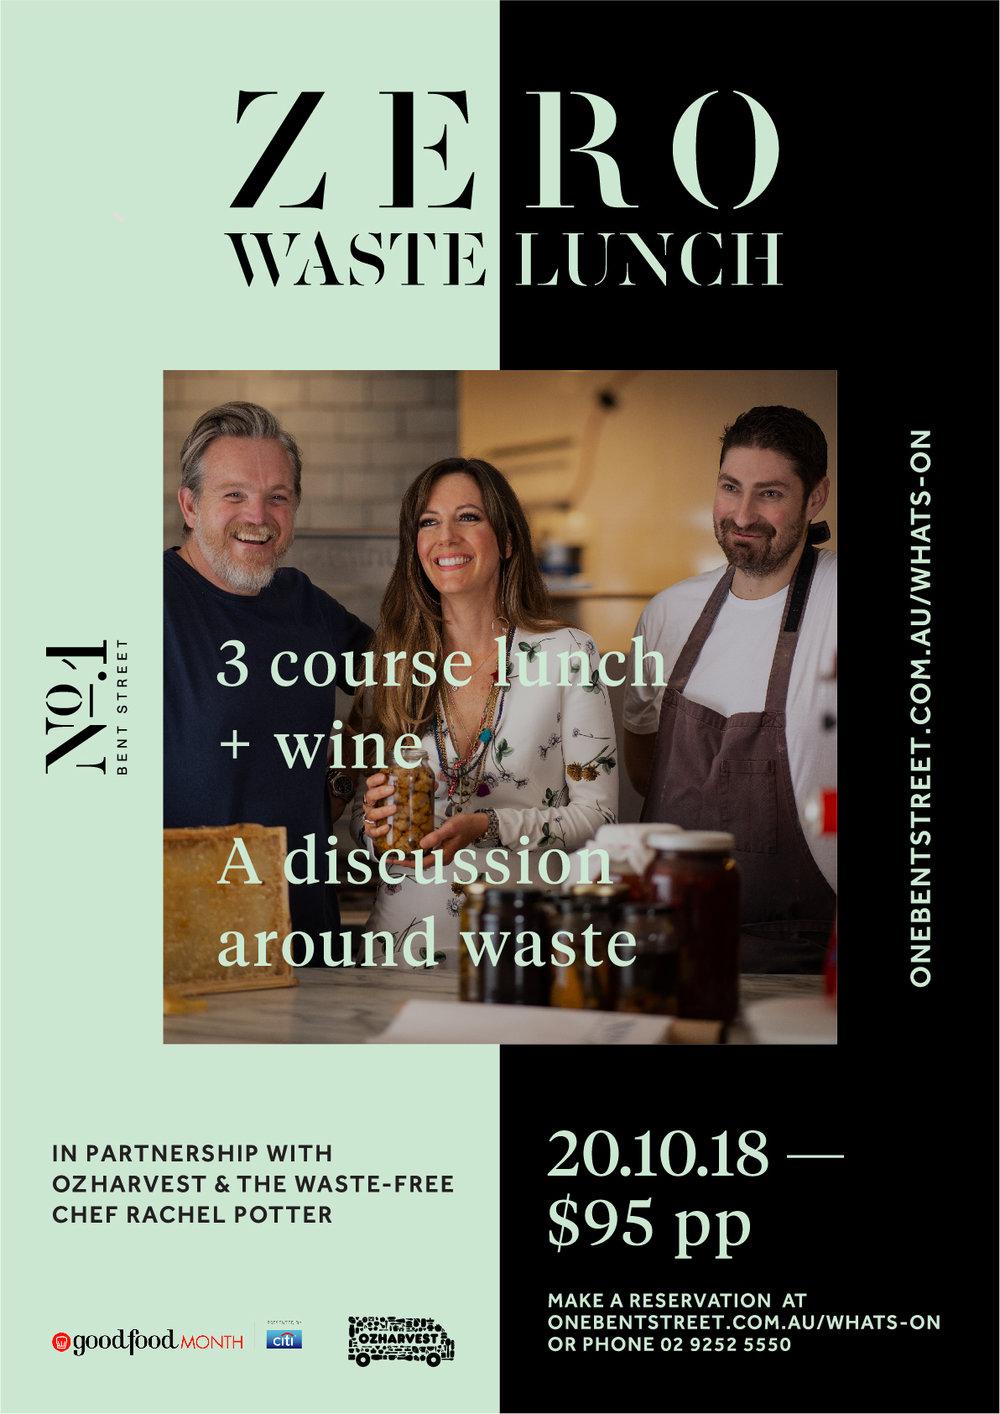 Zero Waste Lunch Good Food Month